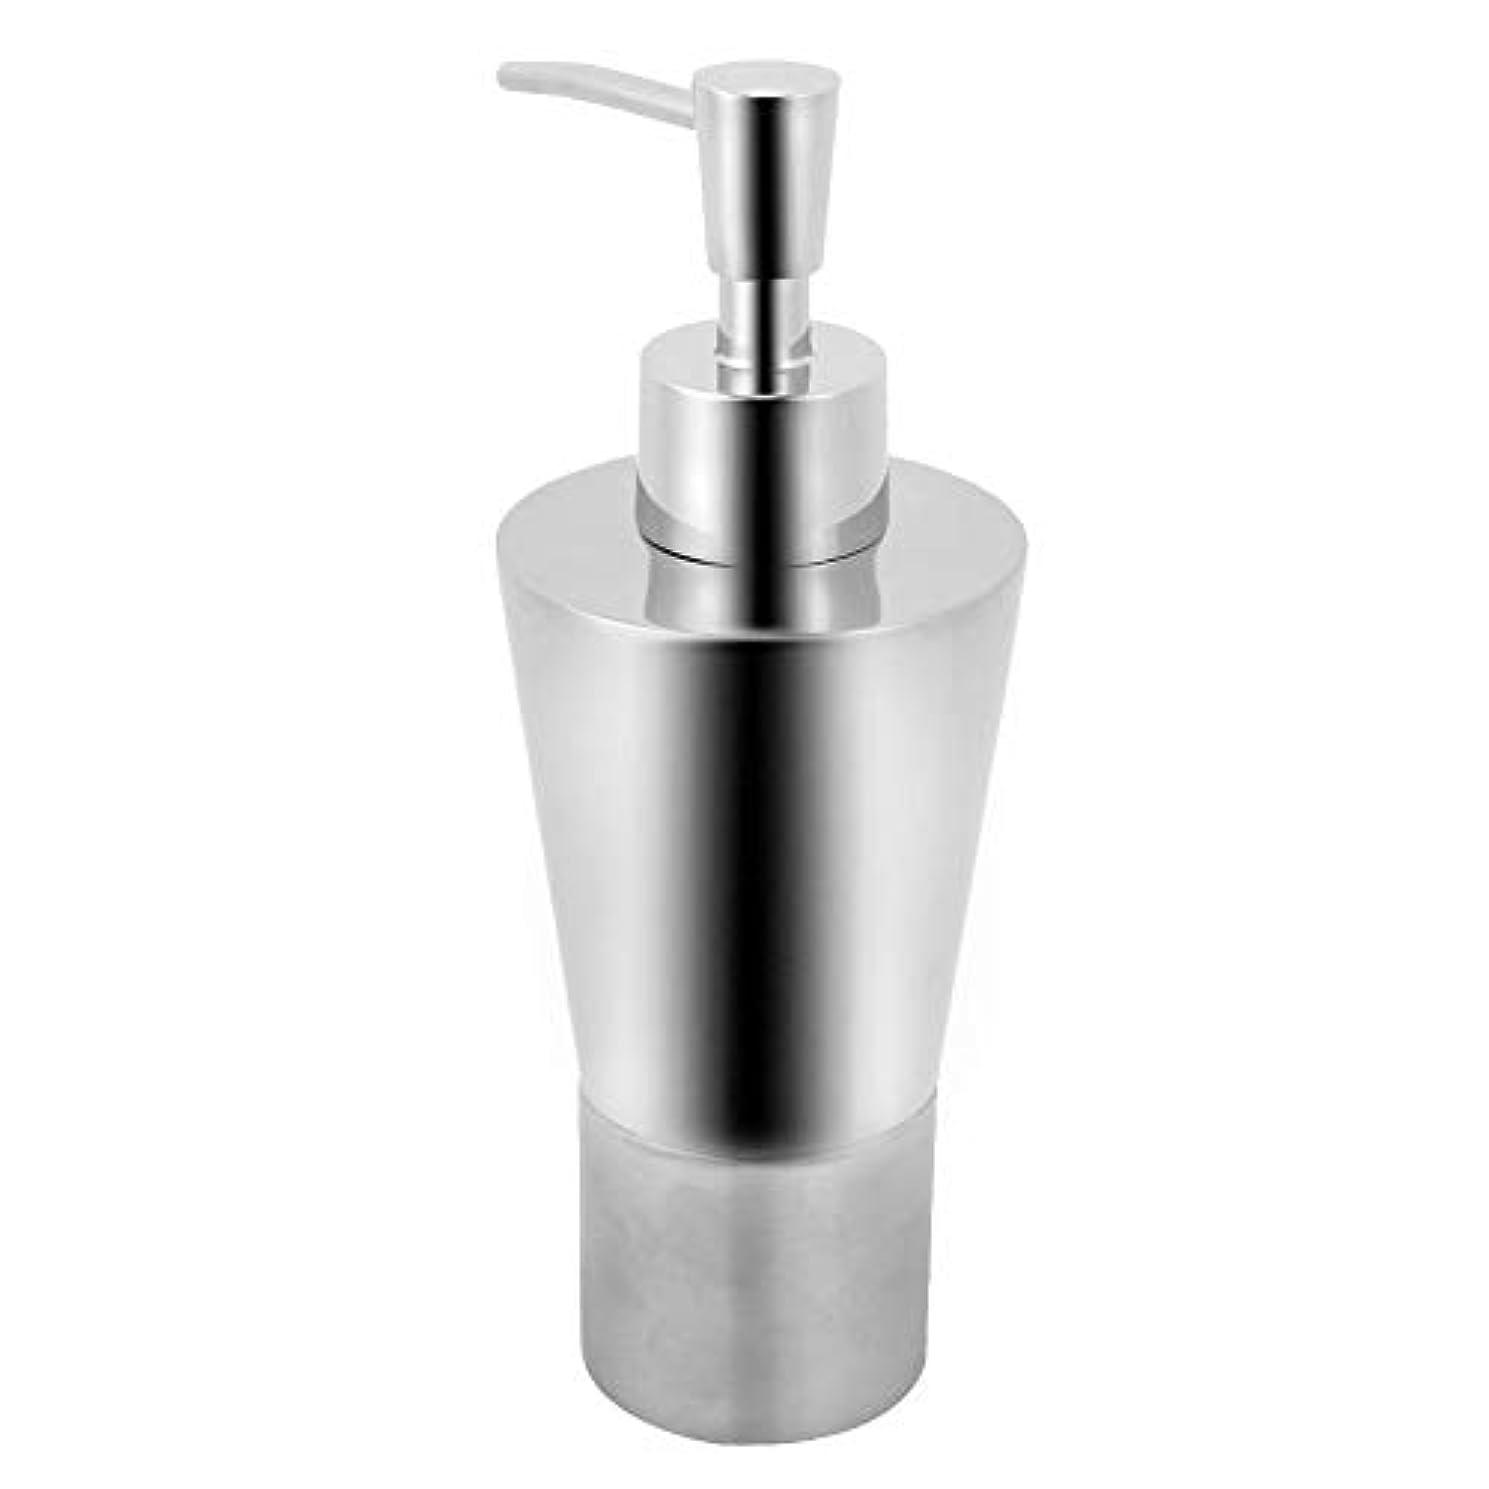 防腐剤面積傘dootiディスペンサー 詰め替え ハンドソープ 洗剤ボトル ステンレス 耐久性 防水 防錆 多種類のソープ液体に適用